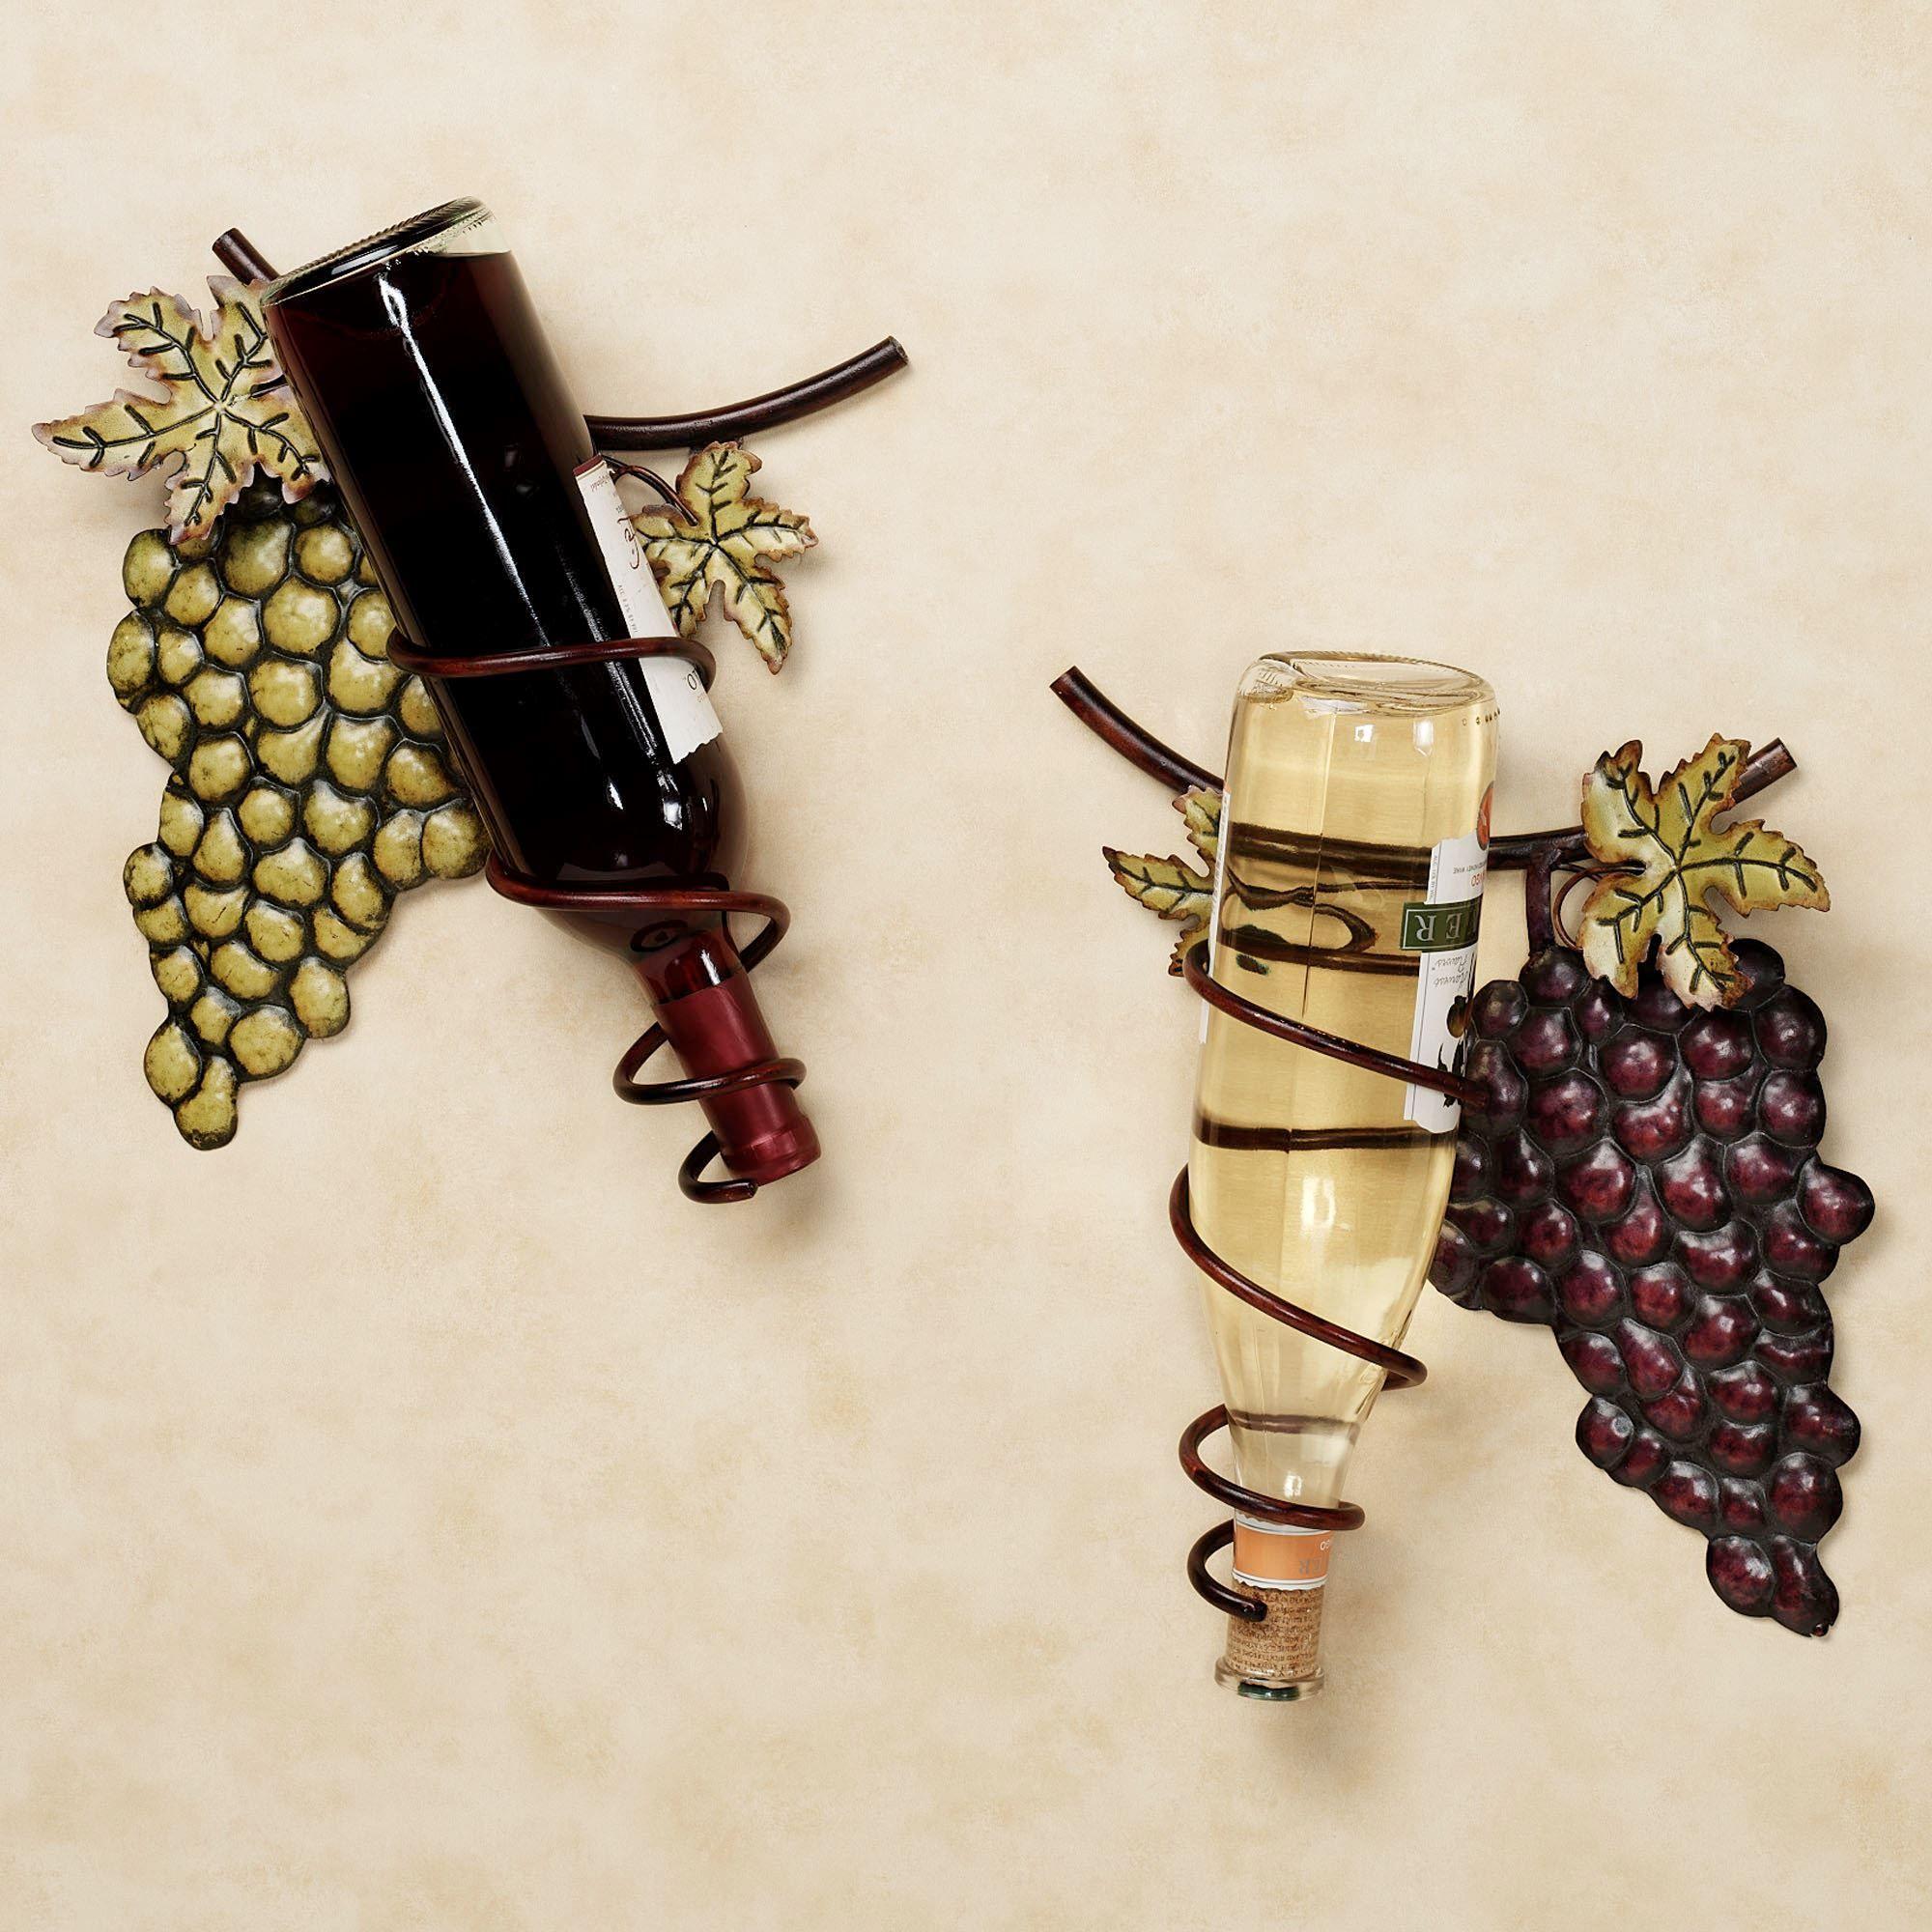 Wine Valley Grapes Metal Wall Wine Rack Set | Wine rack, Metal walls ...